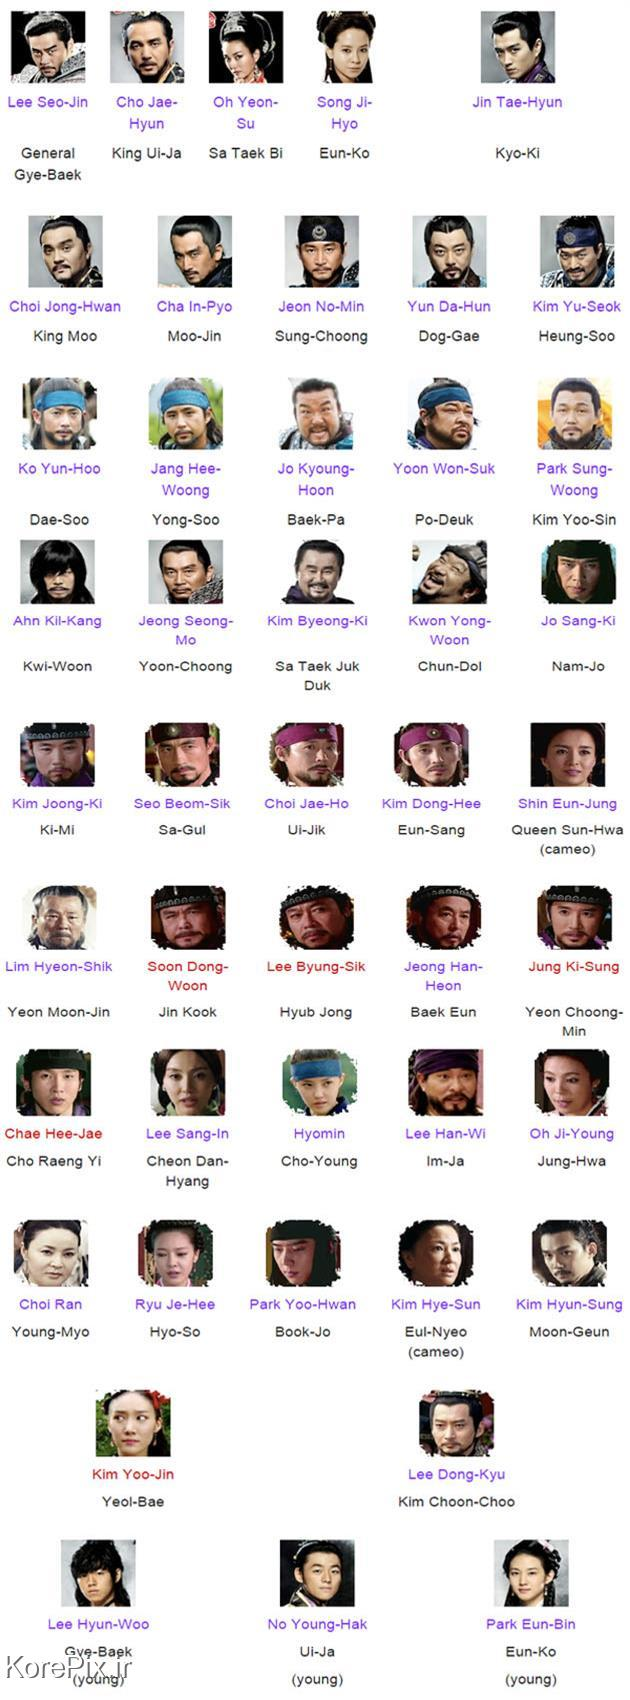 معرفی بازیگران سریال کره ای سرنوشت یک مبارز